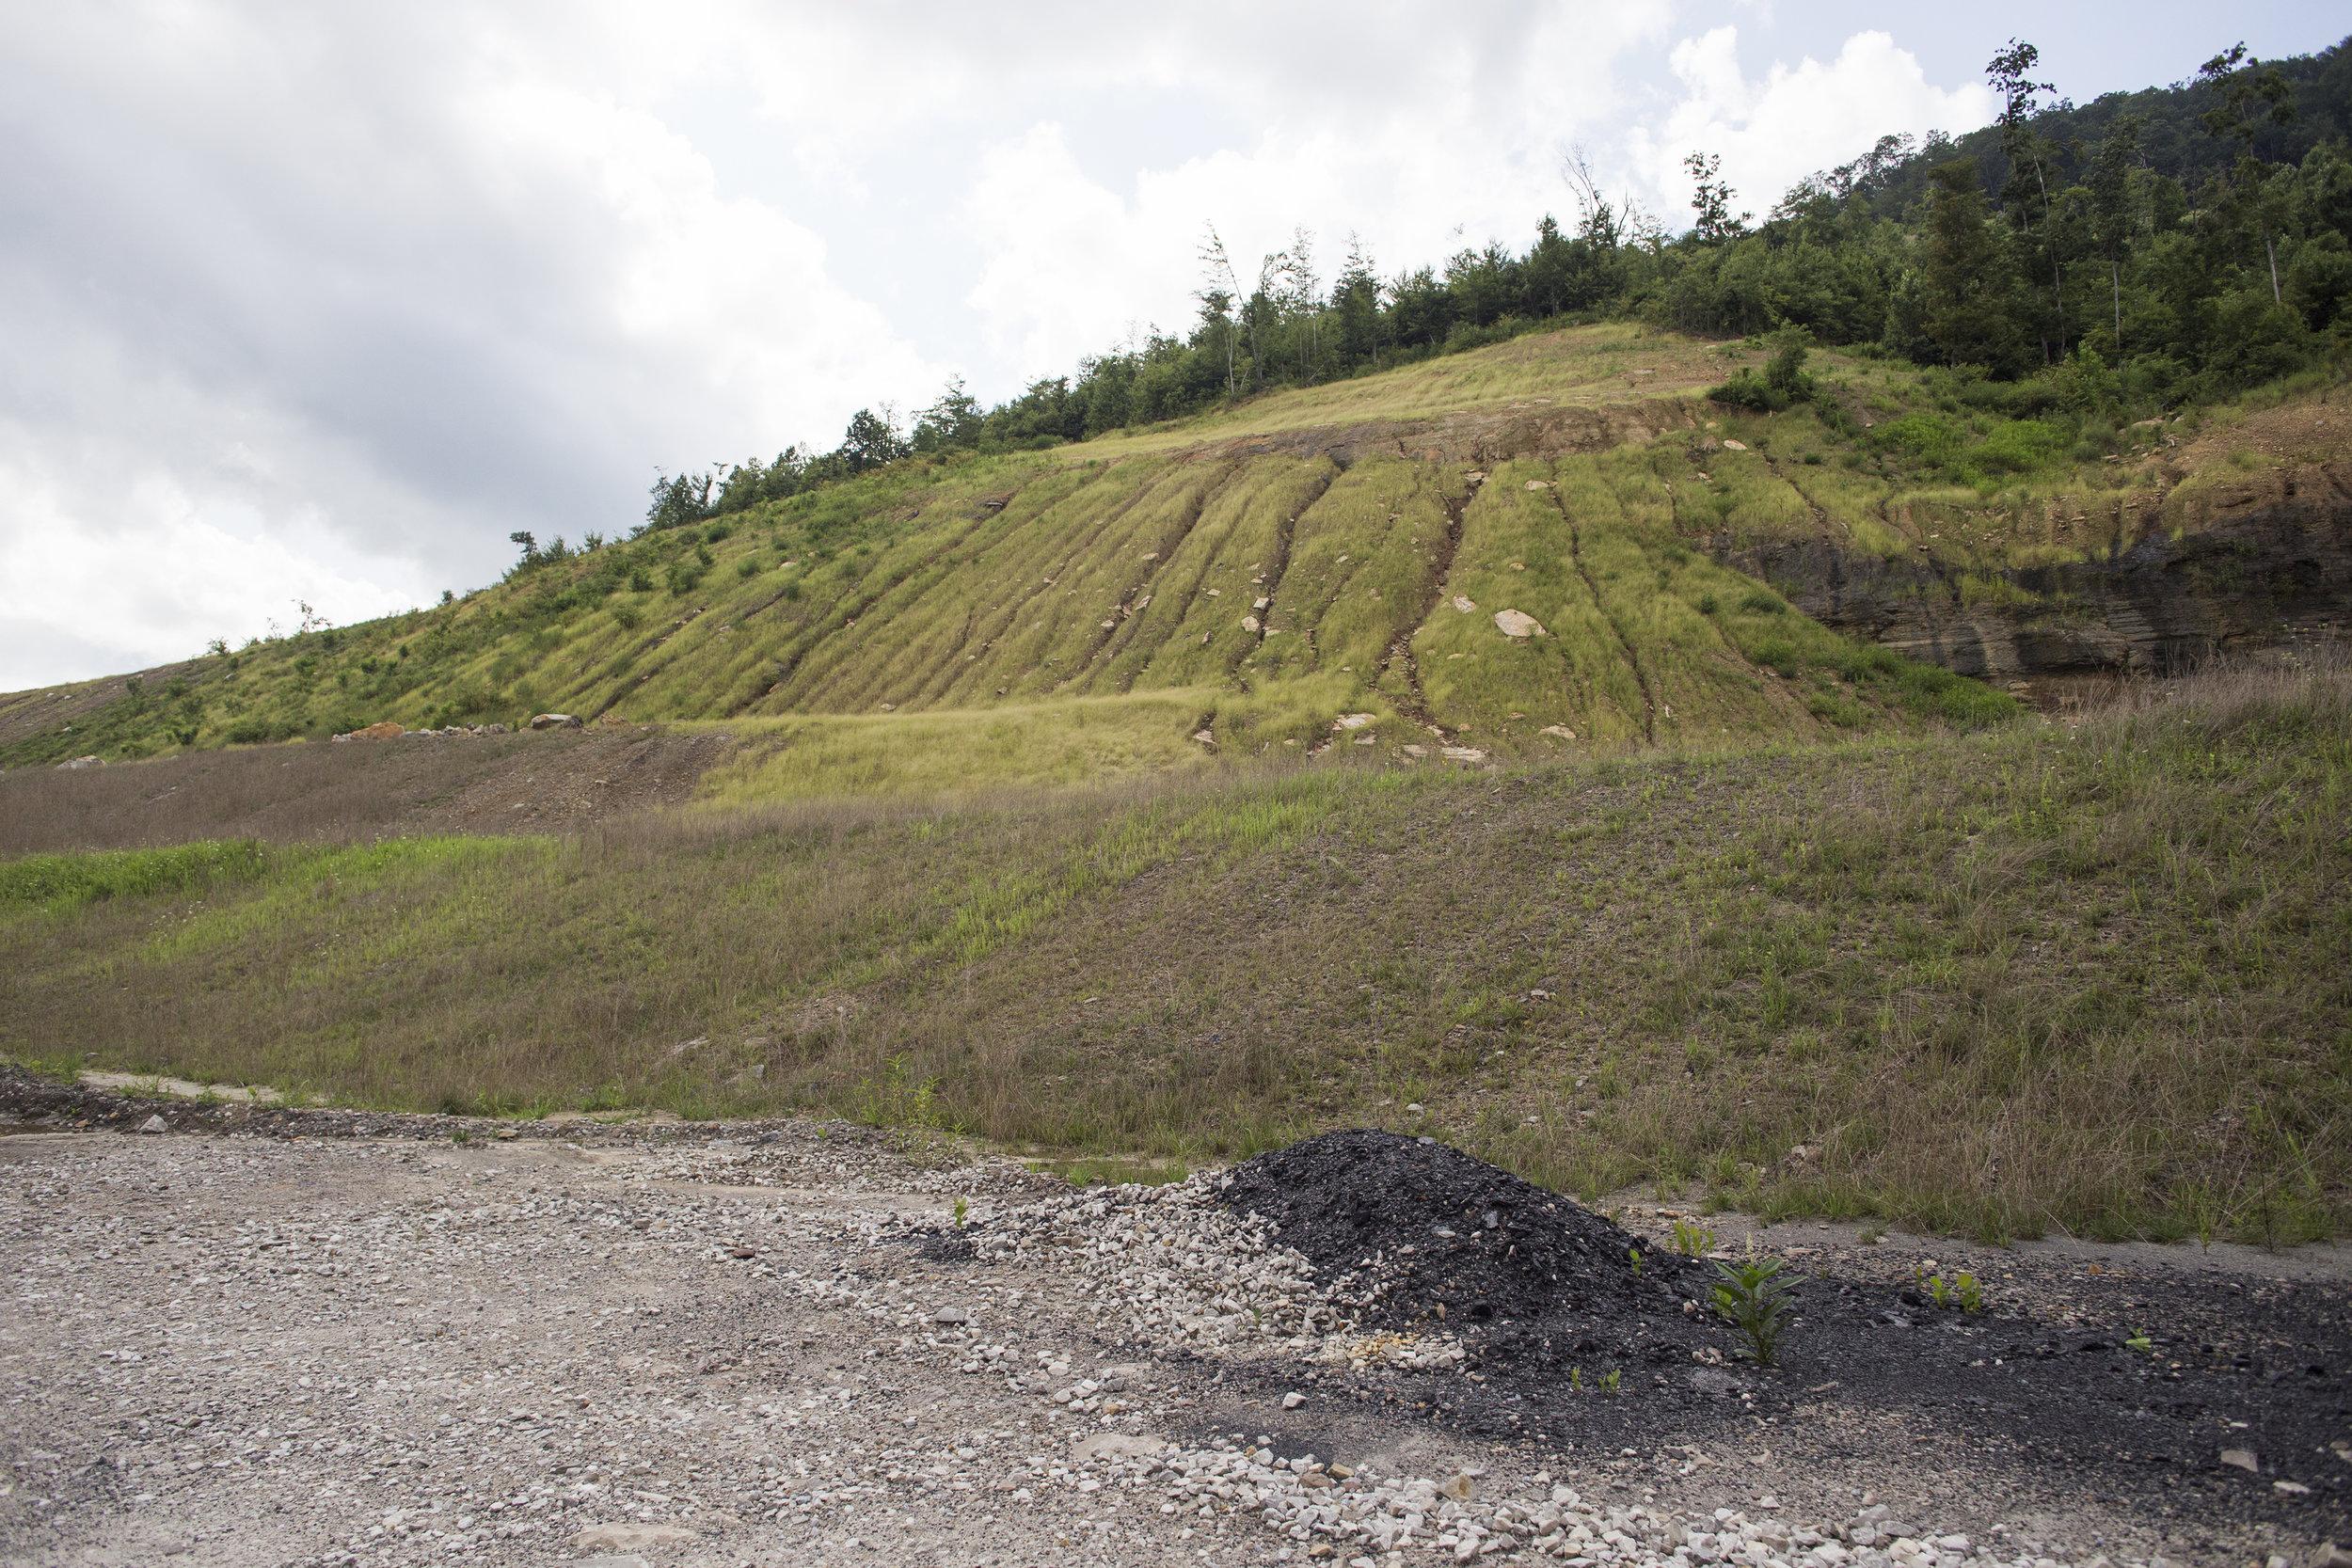 A Strata Mining surface mine in Eagan, Tenn., August 16, 2017.